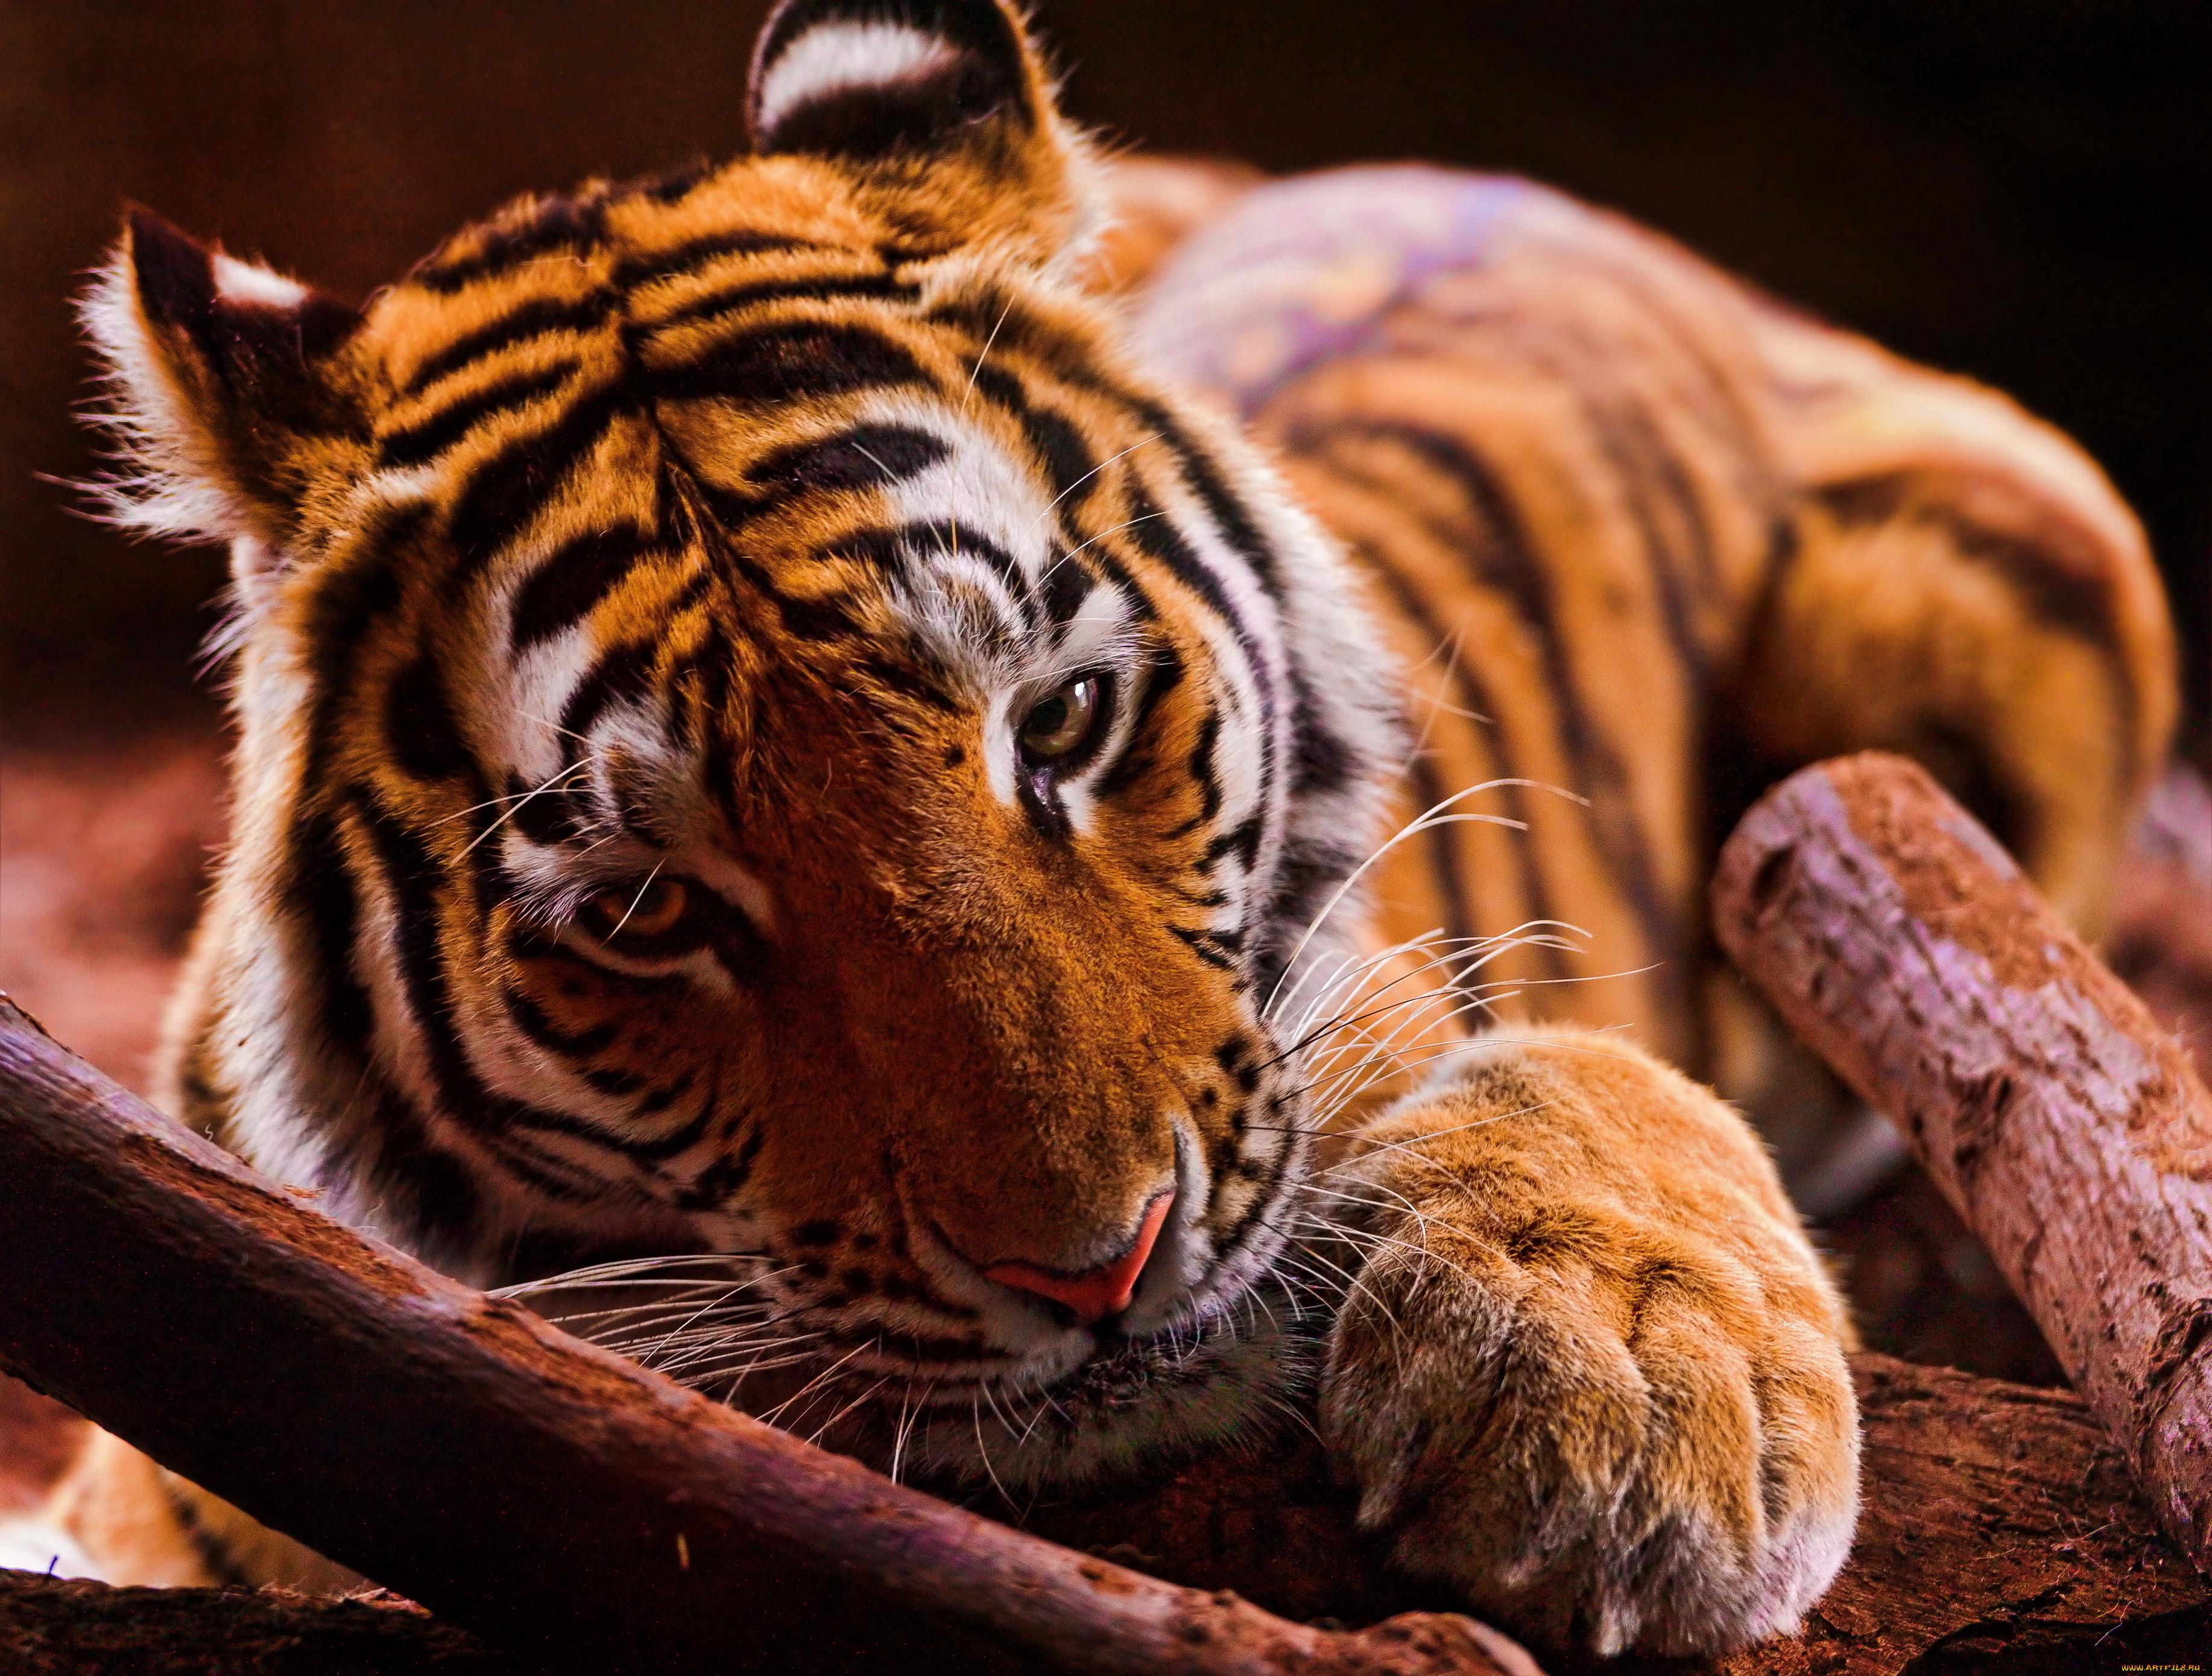 Красивые картинки тигров для рабочего стола